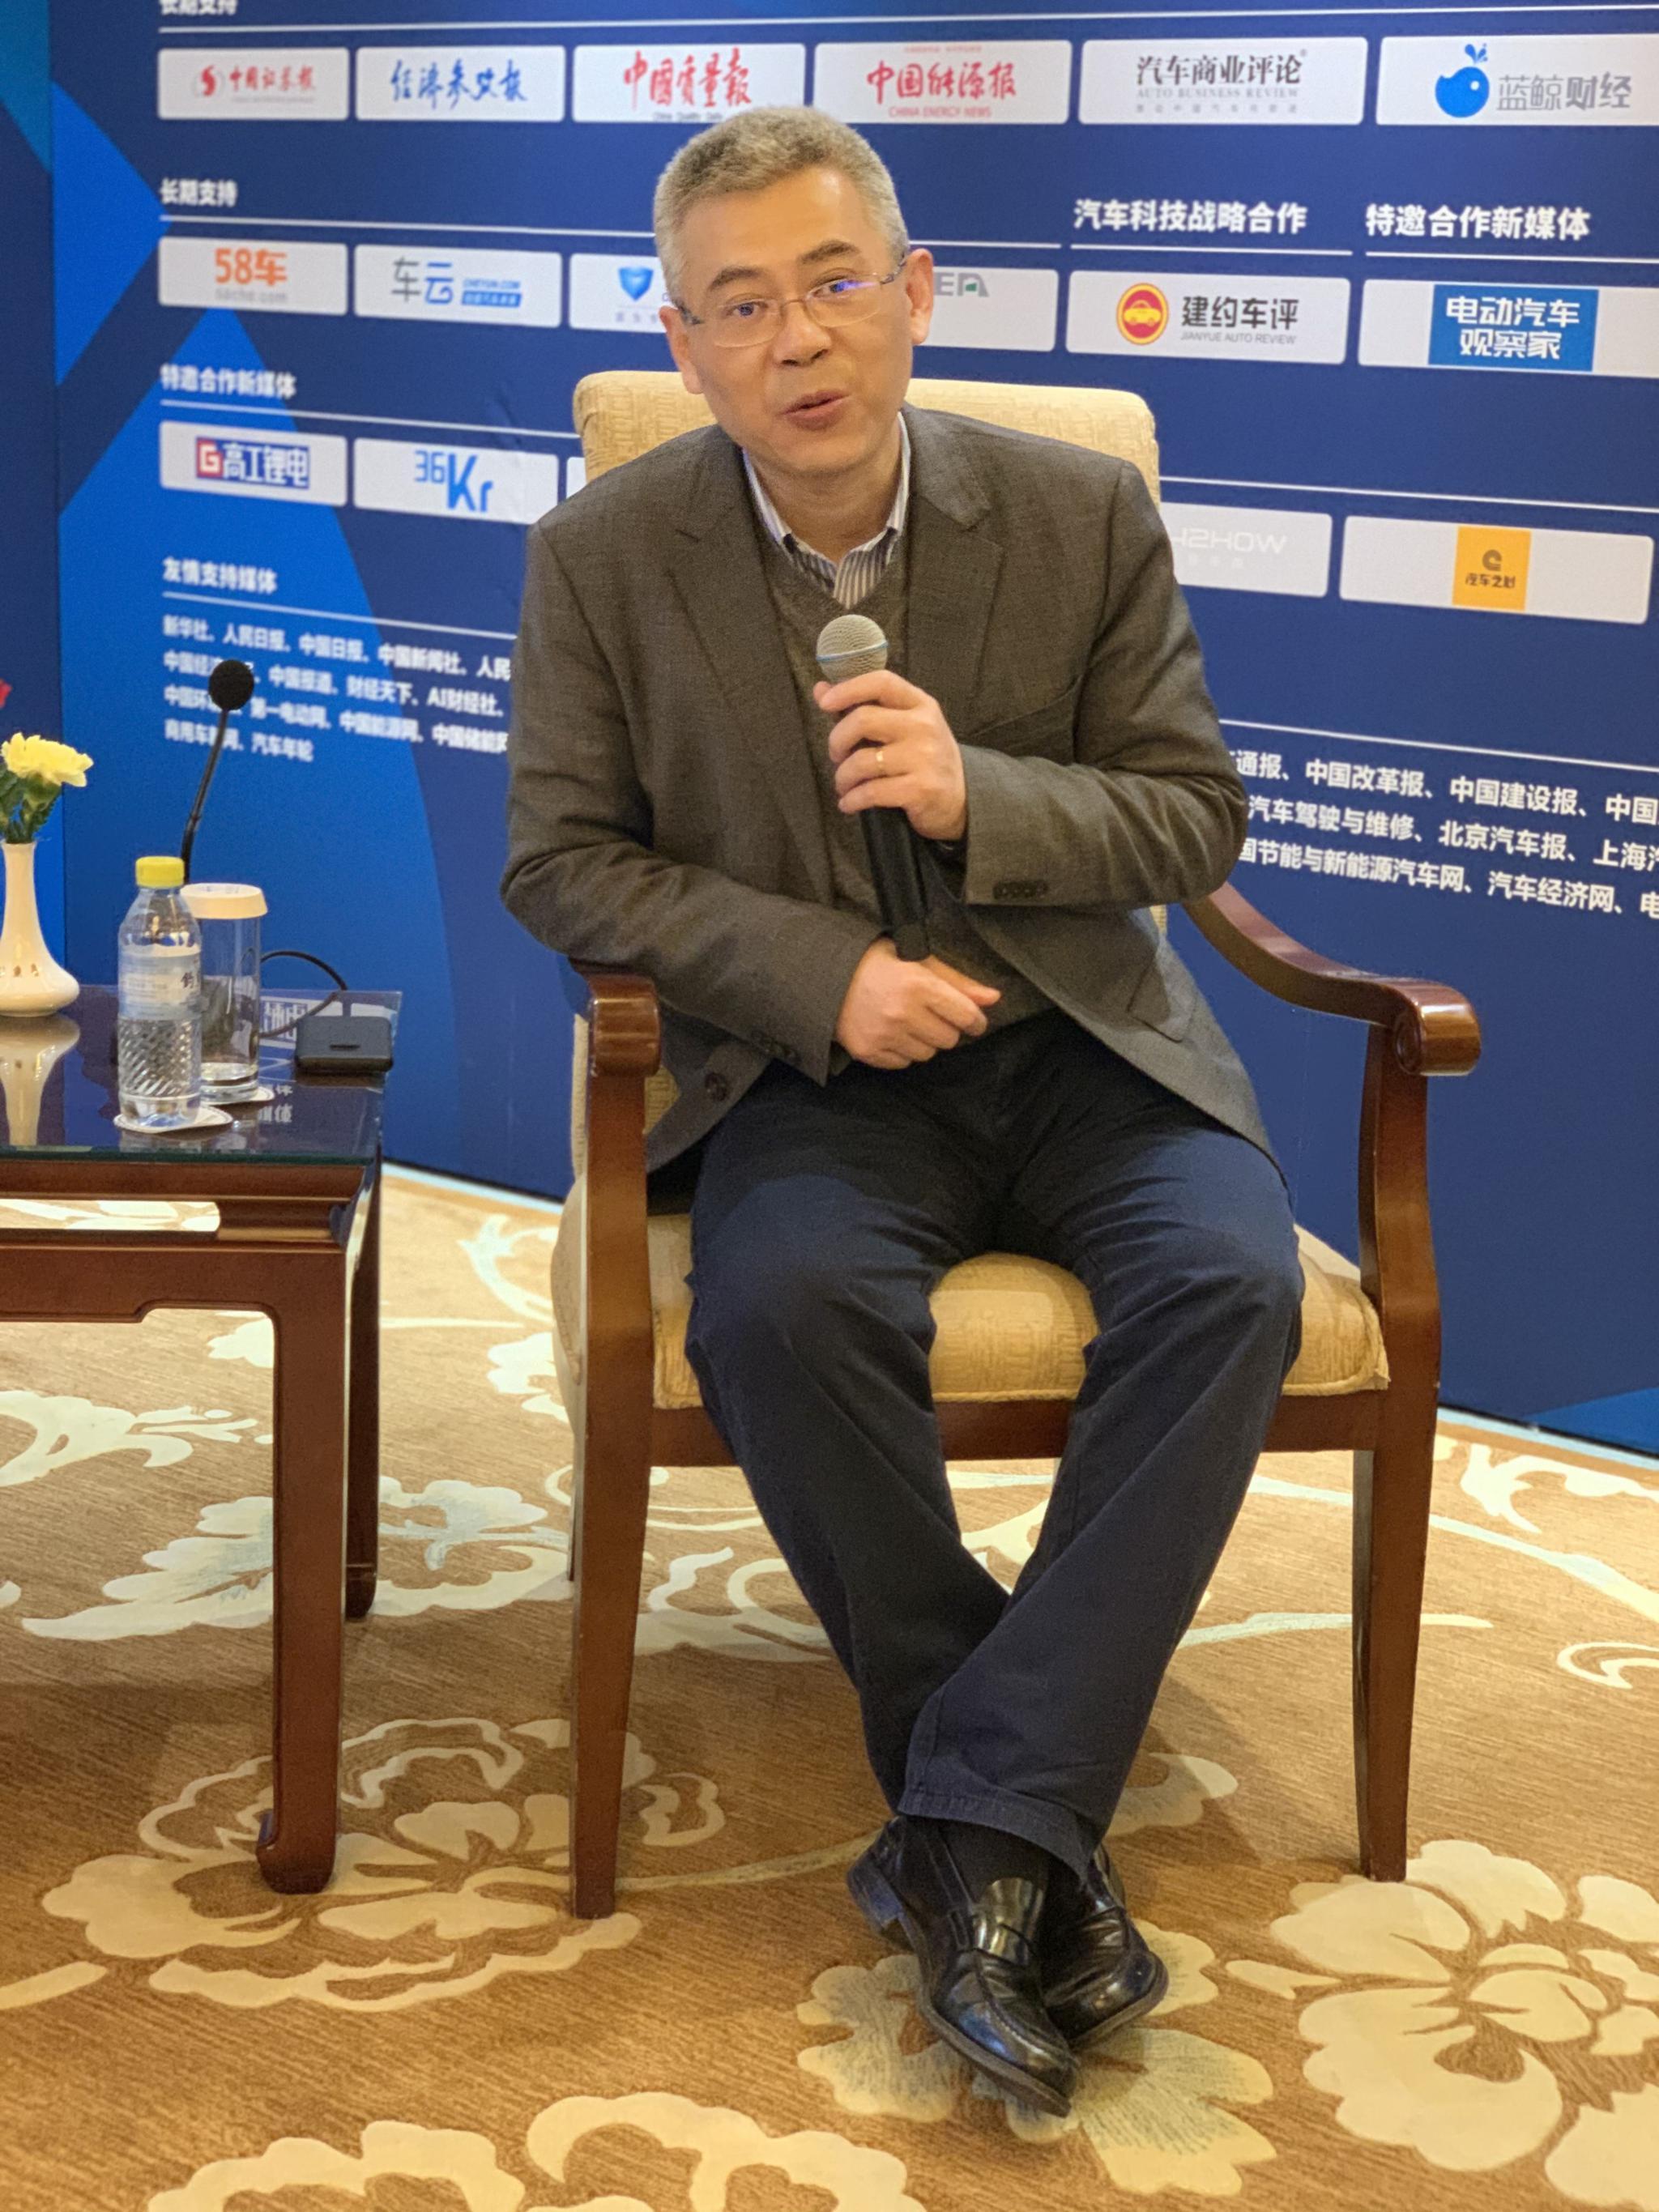 上汽集团朱军:国外市场仍值得开拓图片